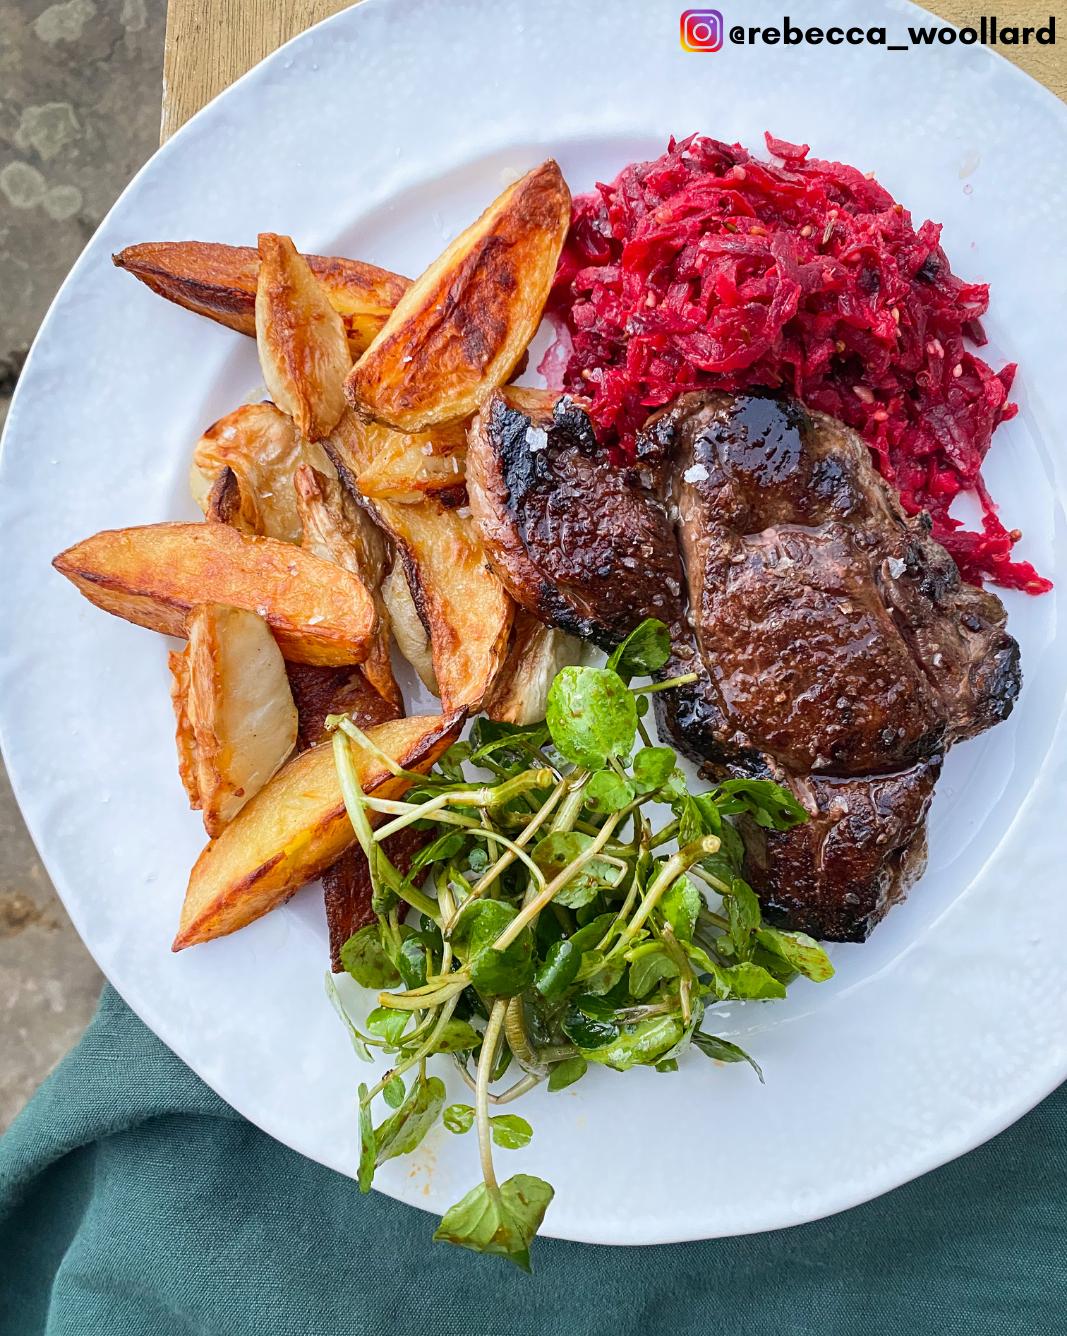 Chargrilled Venison Steak- Rebecca Woollard Instagram 02.03.21